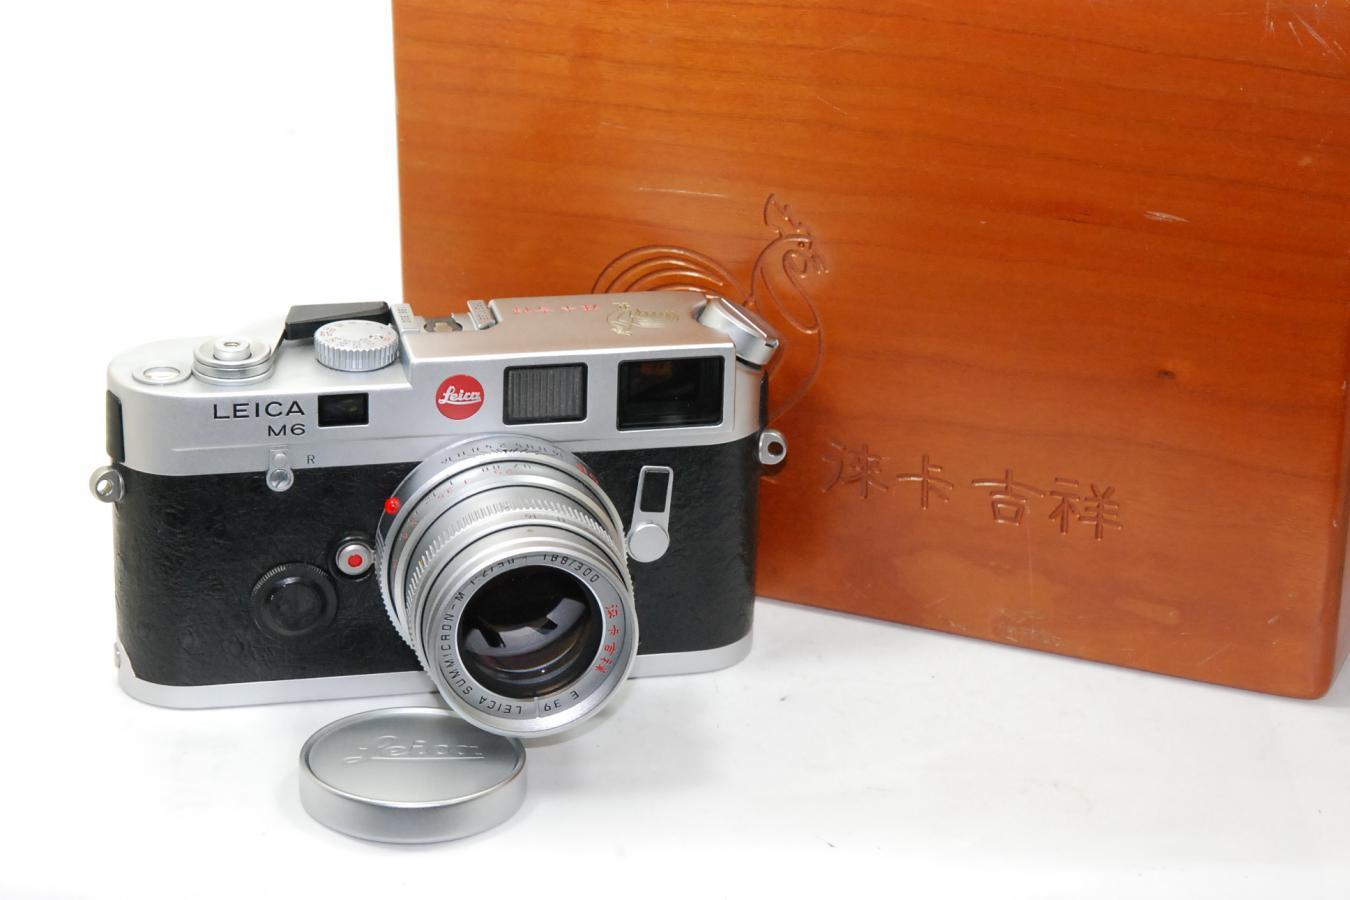 【コレクション向け】 ライカ M6 Rooster Limited Edition ズミクロンM 50/2付 【1993年香港シュミット300台限定モデル 専用木箱付】